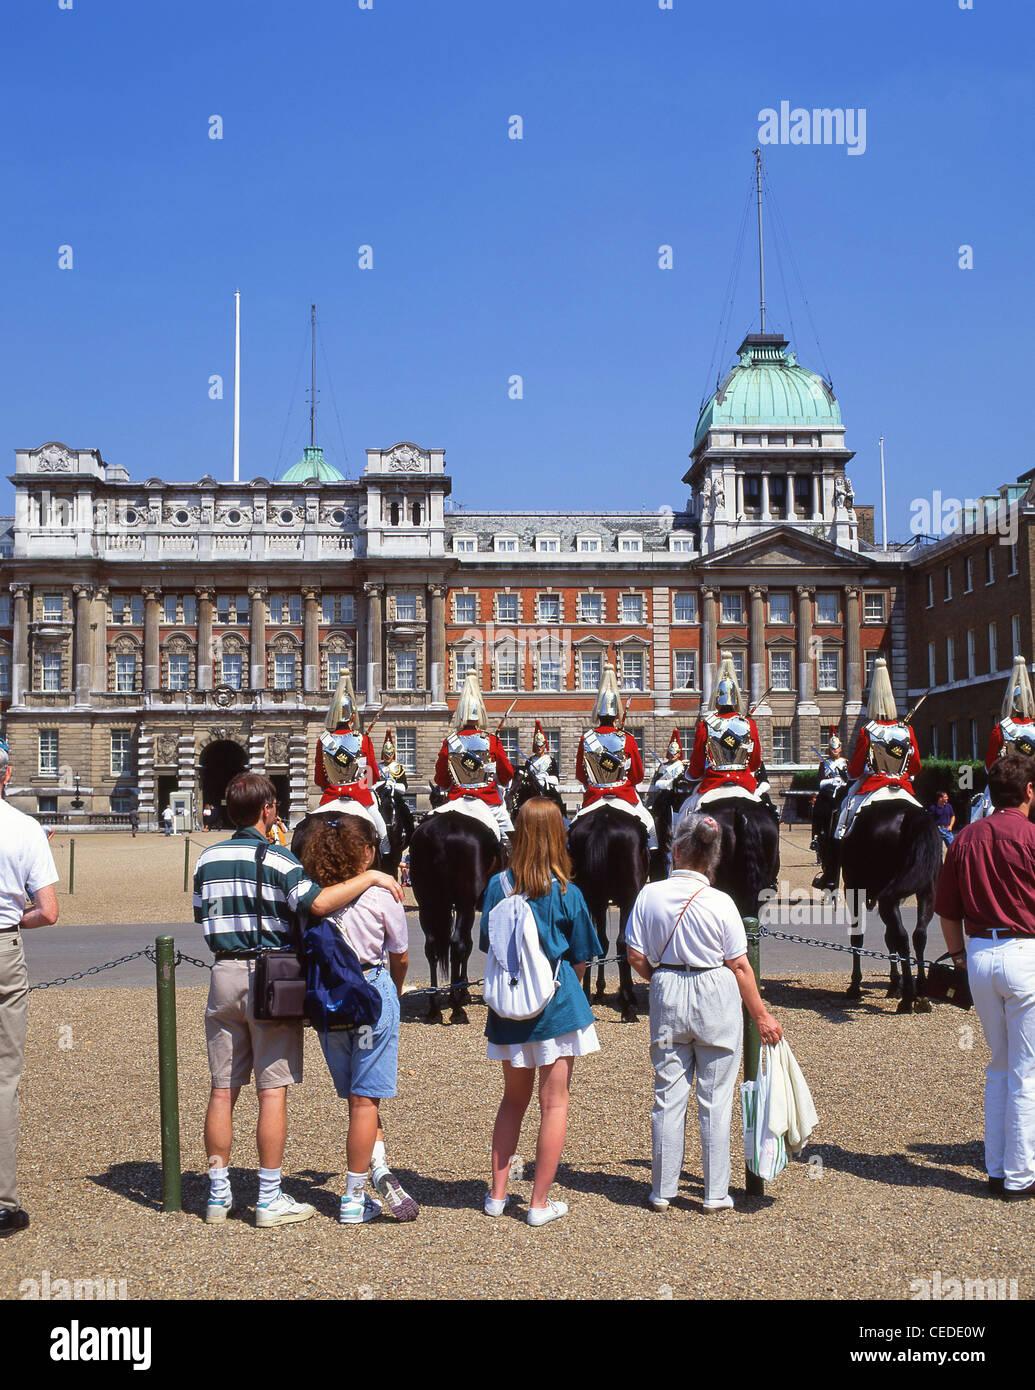 Cerimonia del cambio della guardia, la Sfilata delle Guardie a Cavallo, Whitehall, City of Westminster, Londra, Immagini Stock